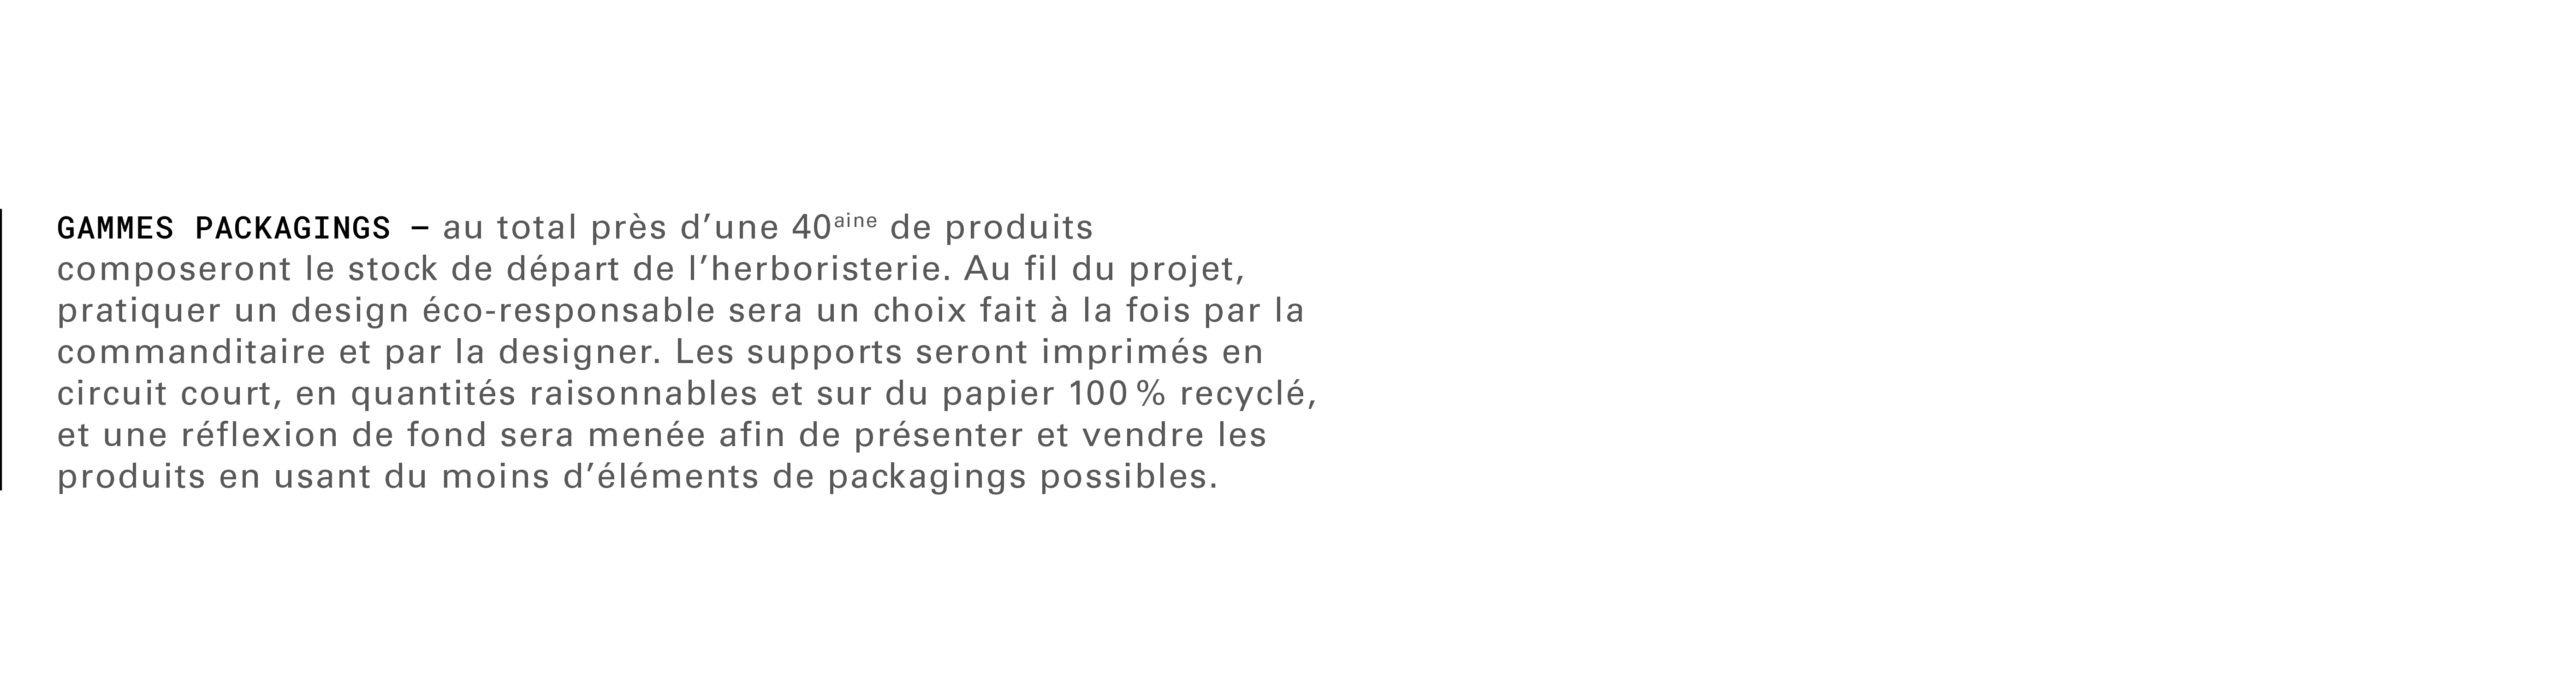 Poutingues & Co. 11